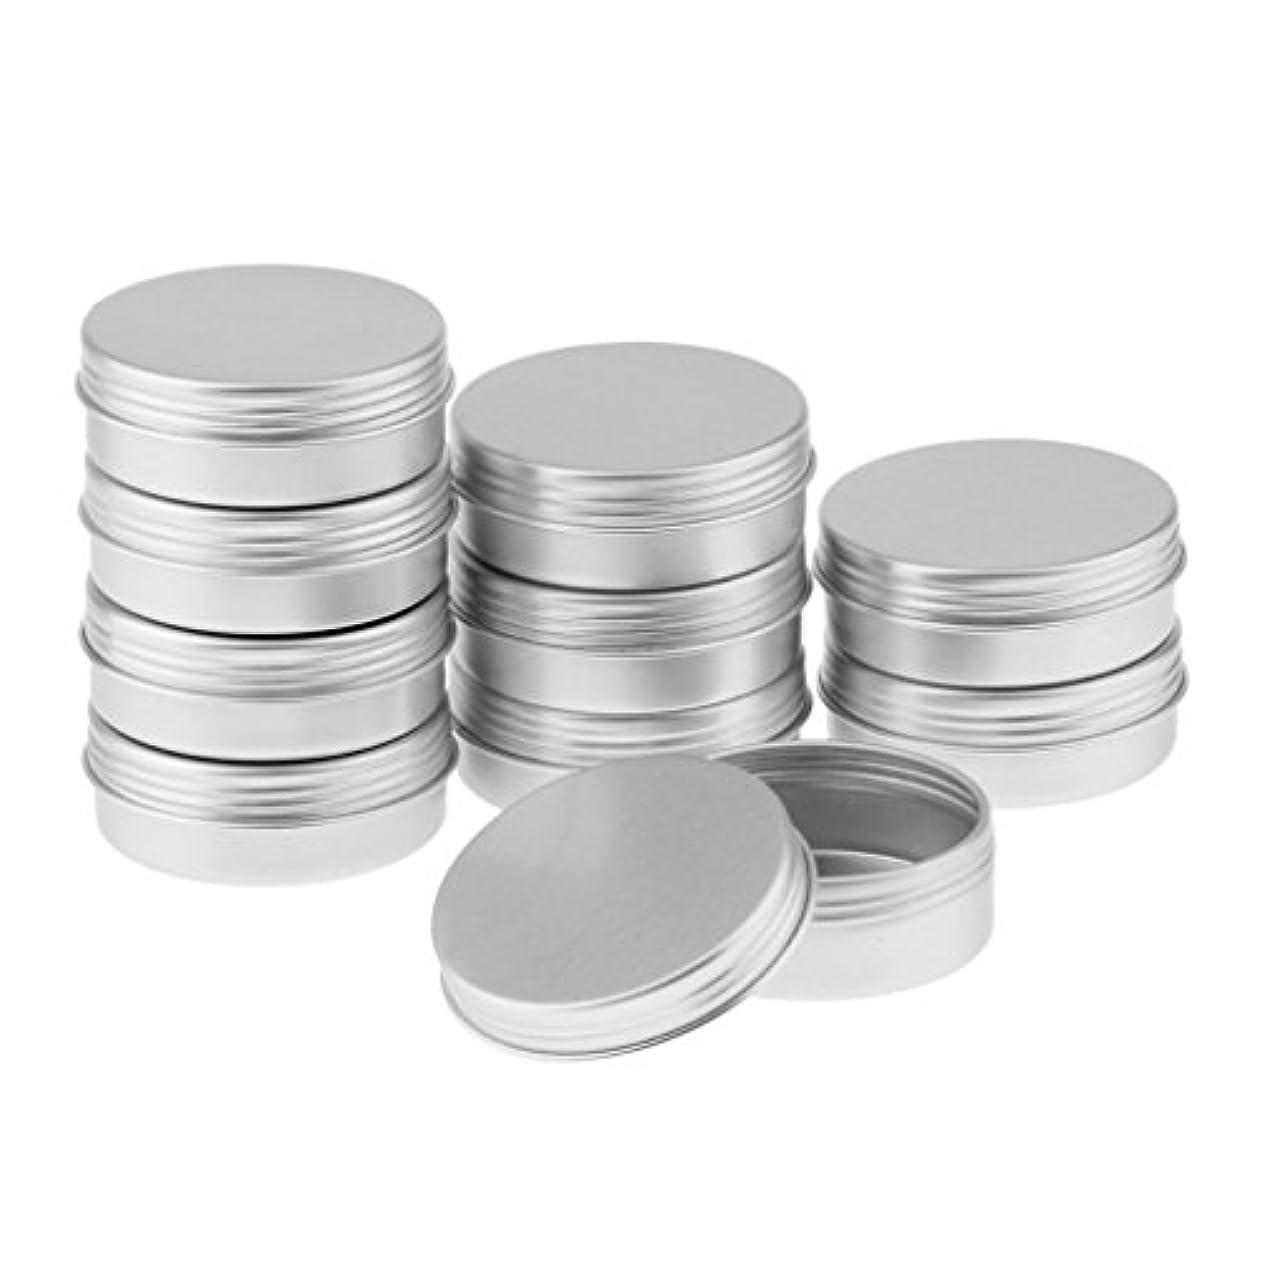 本会議なるトマト10個の25ミリリットルのアルミリップクリーム缶ポットコスメティッククリームジャーボトル容器 - 10個25ml